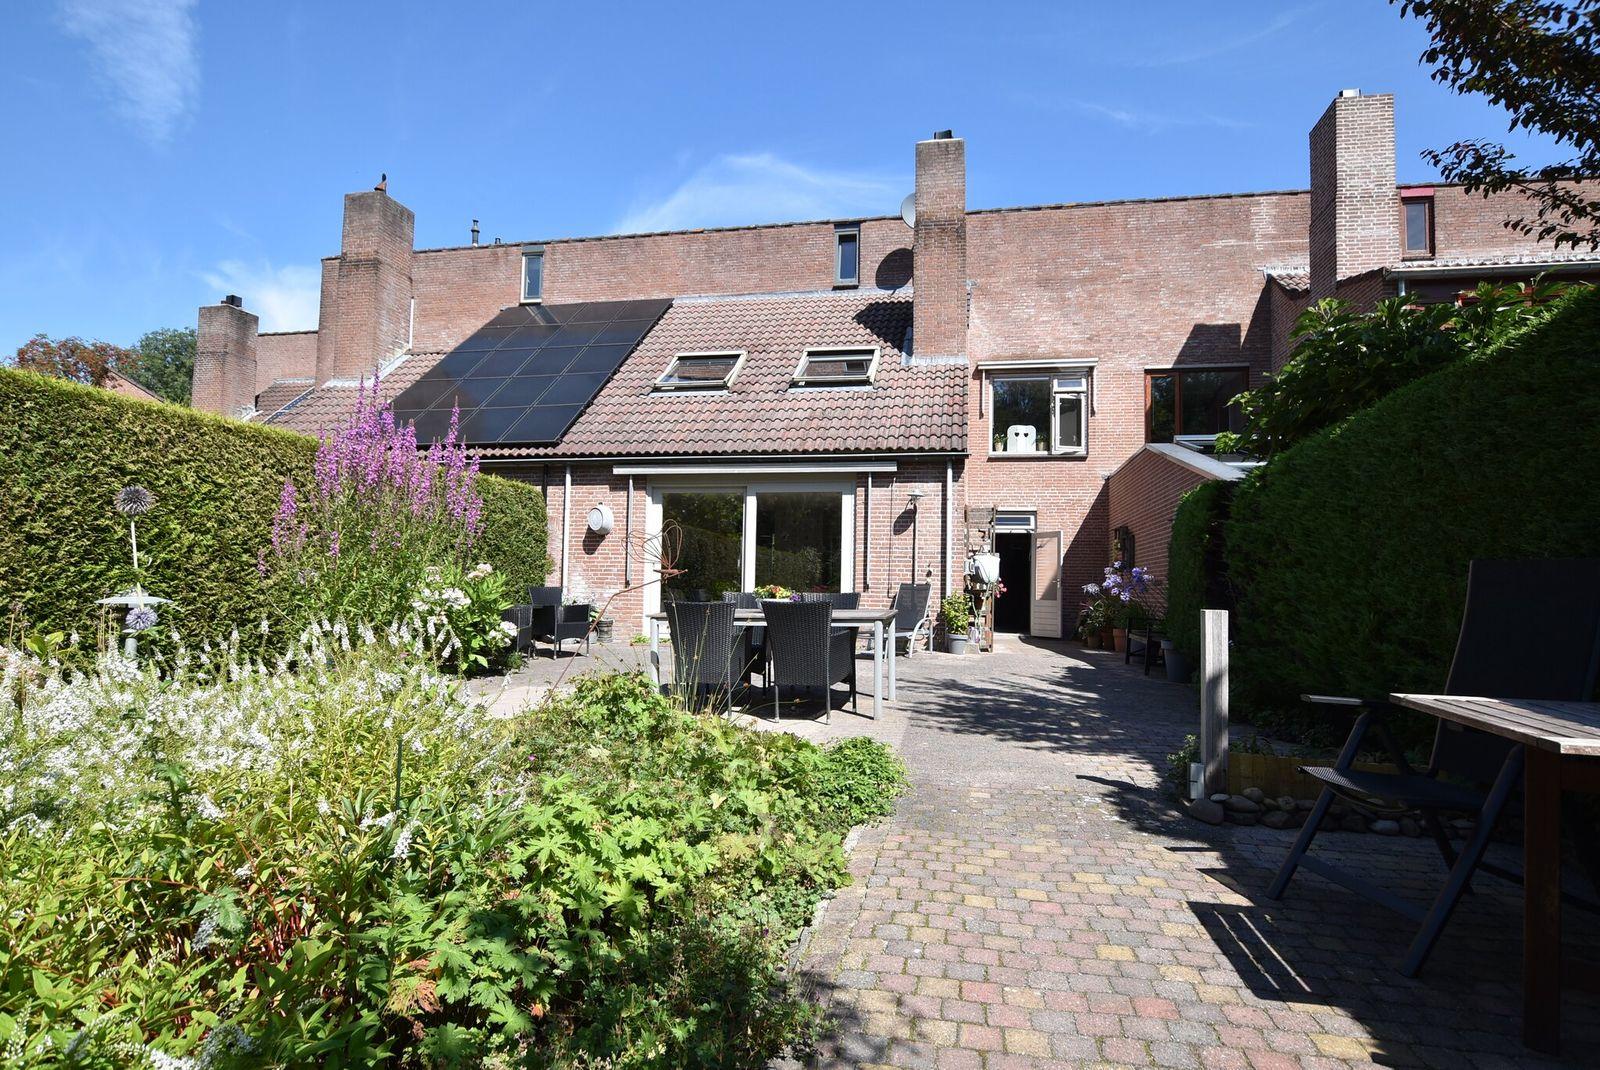 Rozengaard 13 12, Lelystad